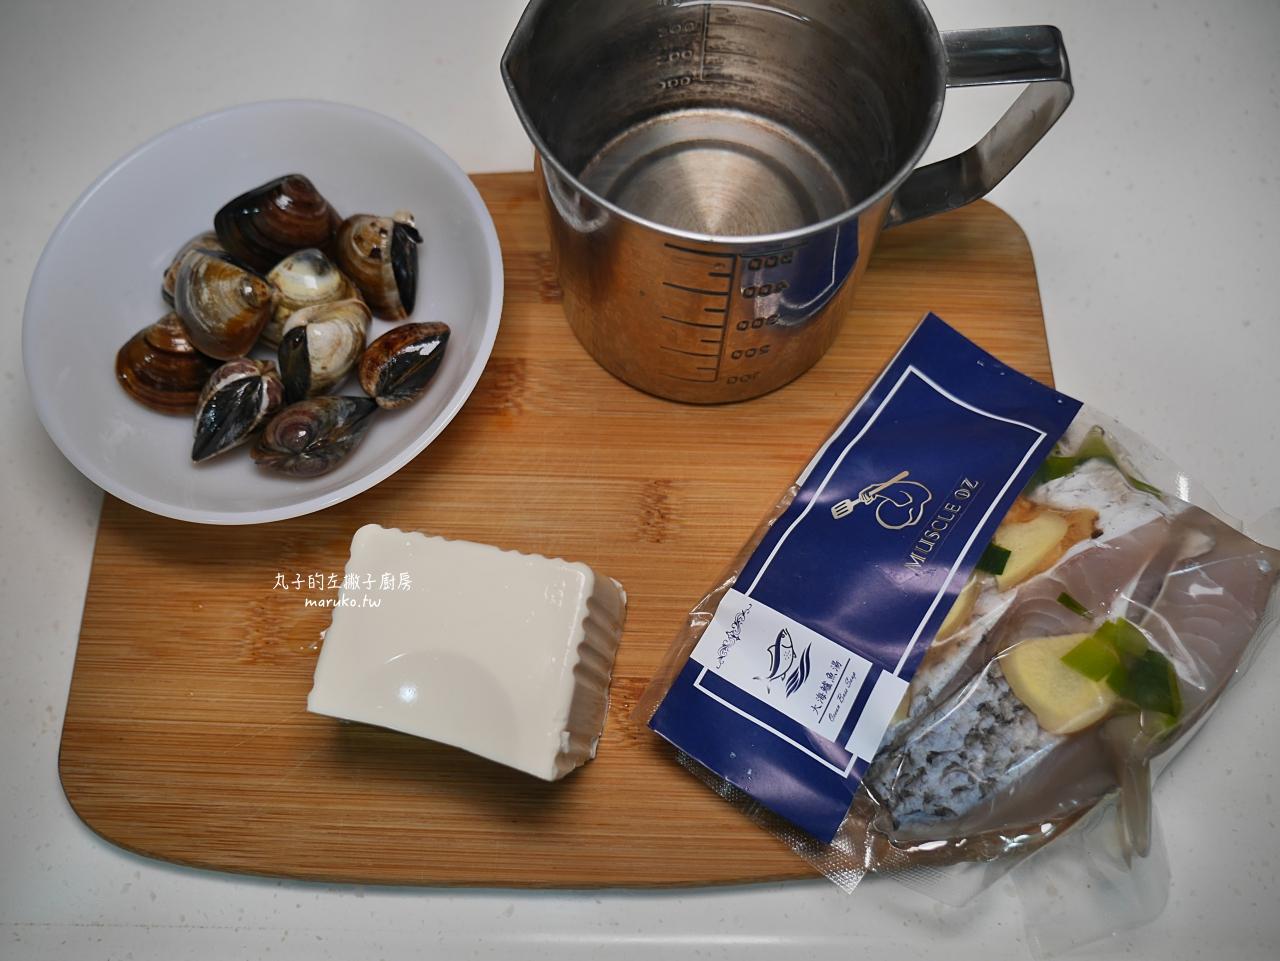 【食譜】MuscleOz oz先生/經典風味烤雞系列打開就能吃/網購宅配熱門健康餐 @Maruko與美食有個約會